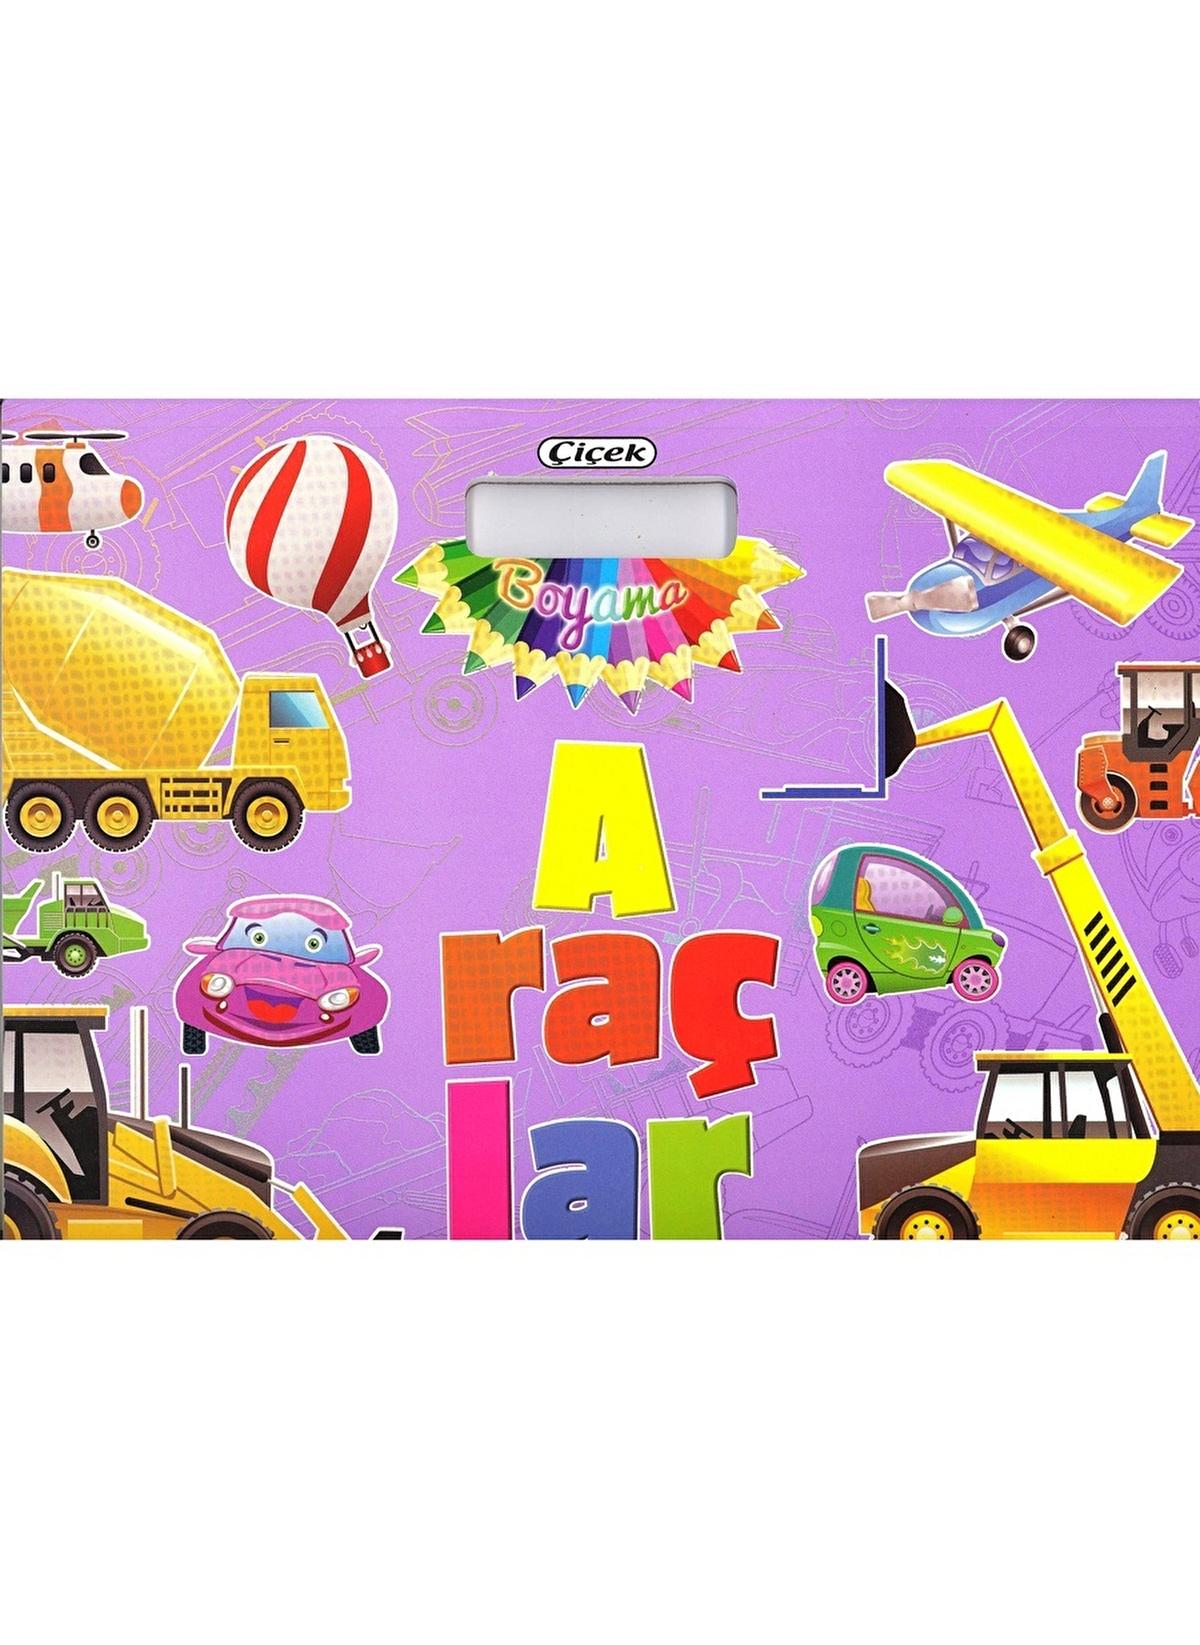 çiçek Yayıncılık Standart çanta Boyama Ve çıkartmalar Araçlar Renkli